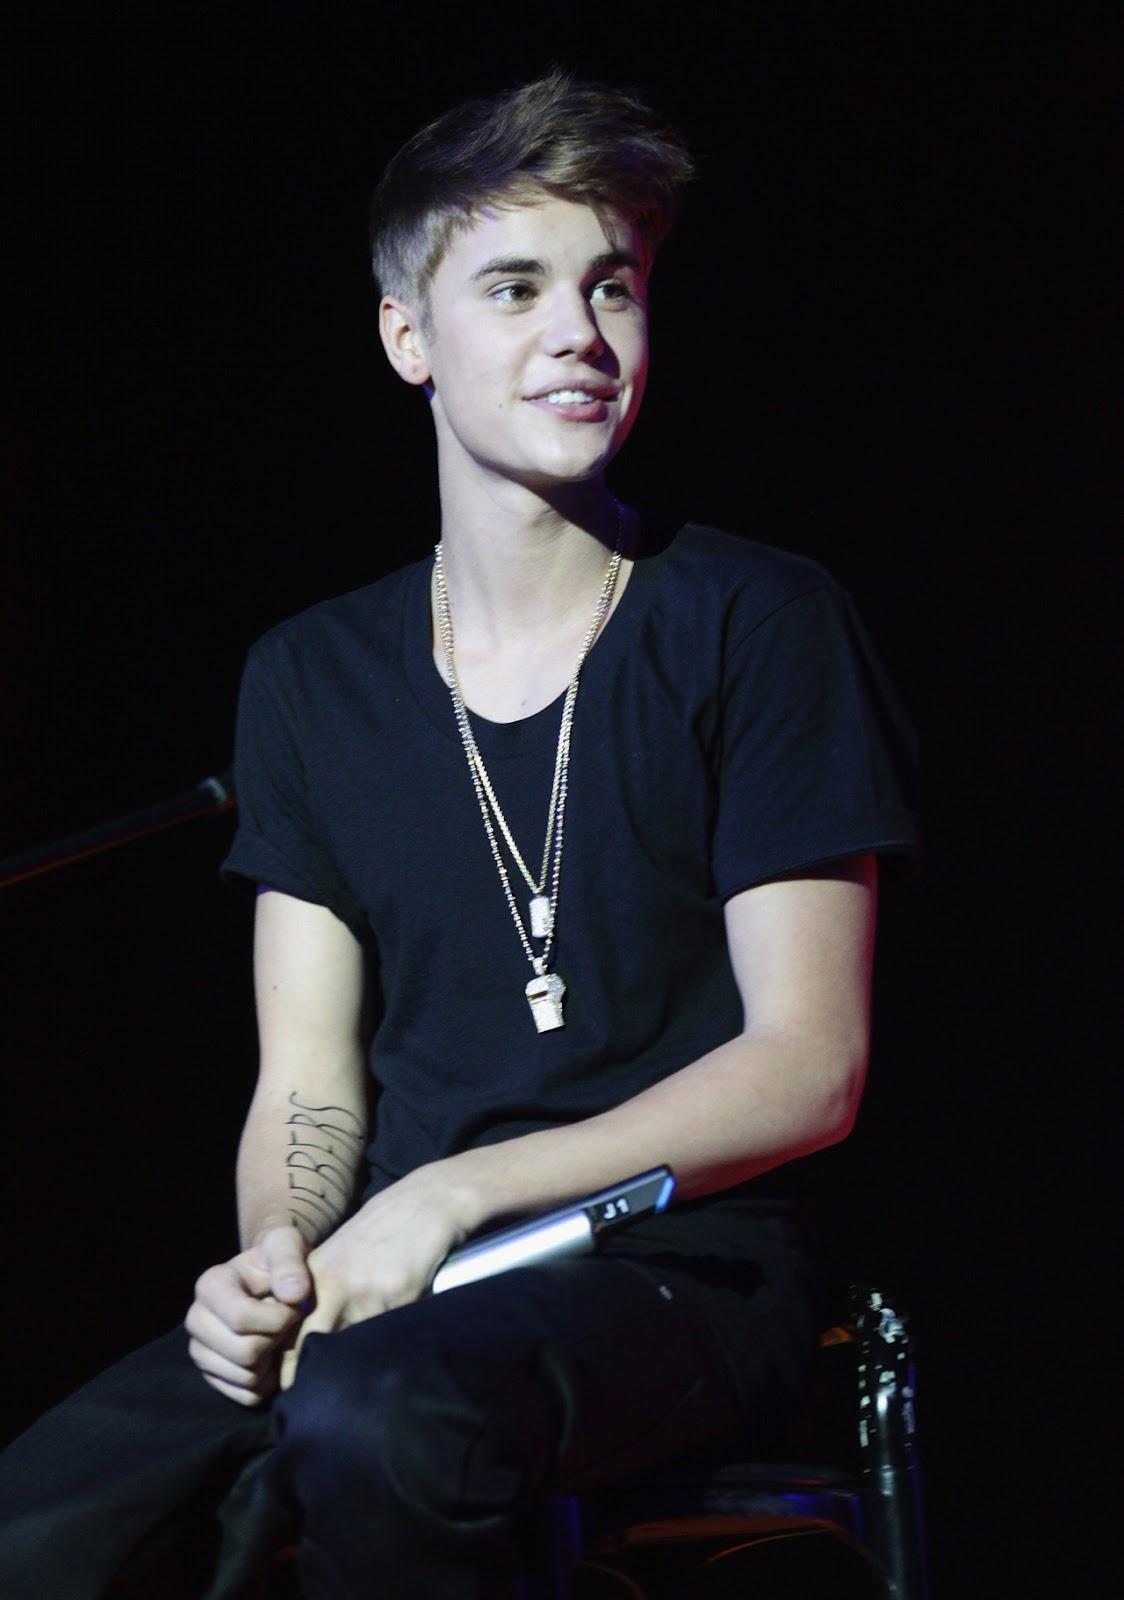 Justin Bieber News: Justin Bieber performing in Milan ...